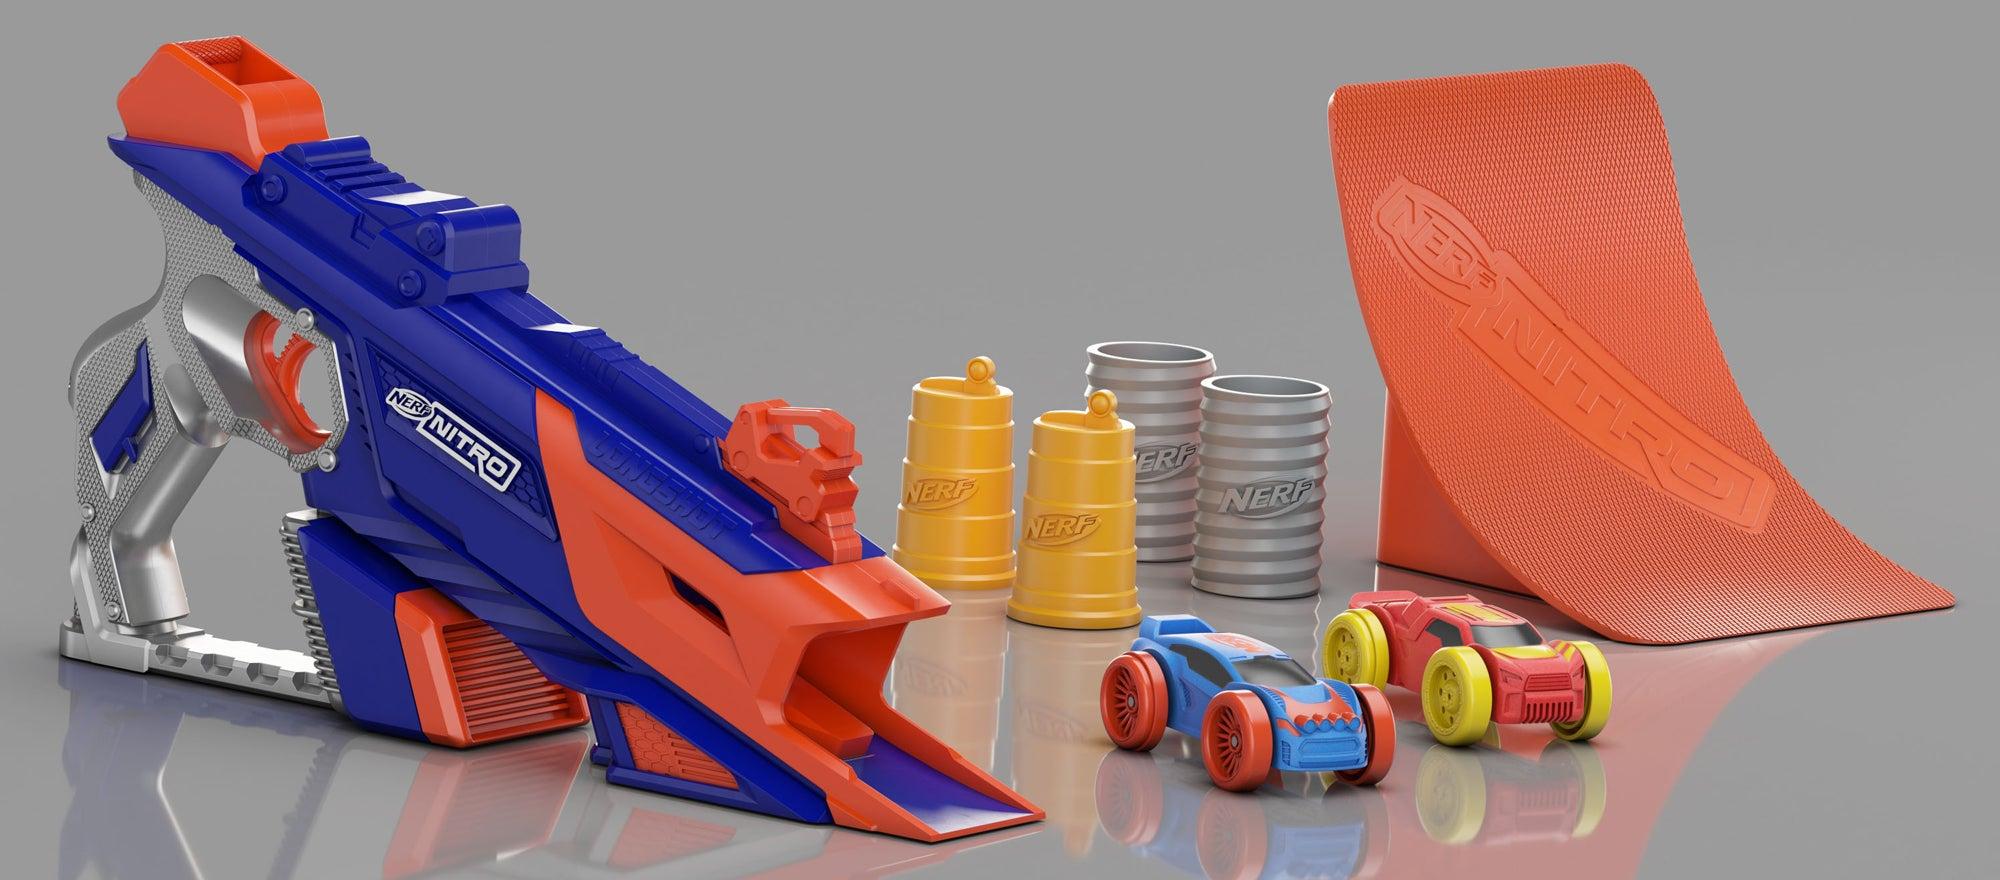 De Voitures Tirent Des Mousse Nerf Les Blasters Nouveaux 35alr4j Y6Ify7gvb